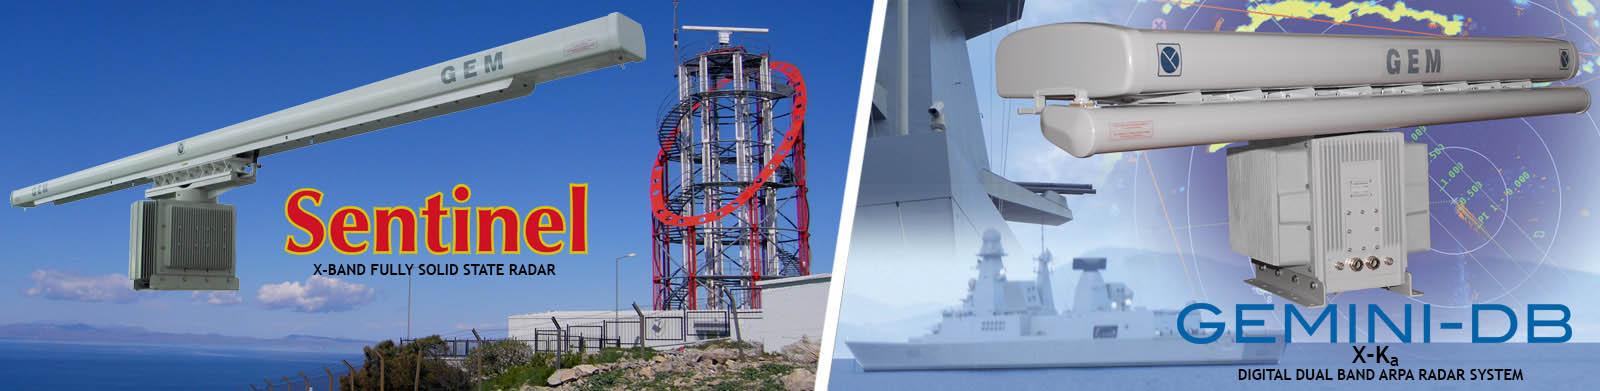 A R S Antennas Radar Systems Laboratory Gem Elettronica